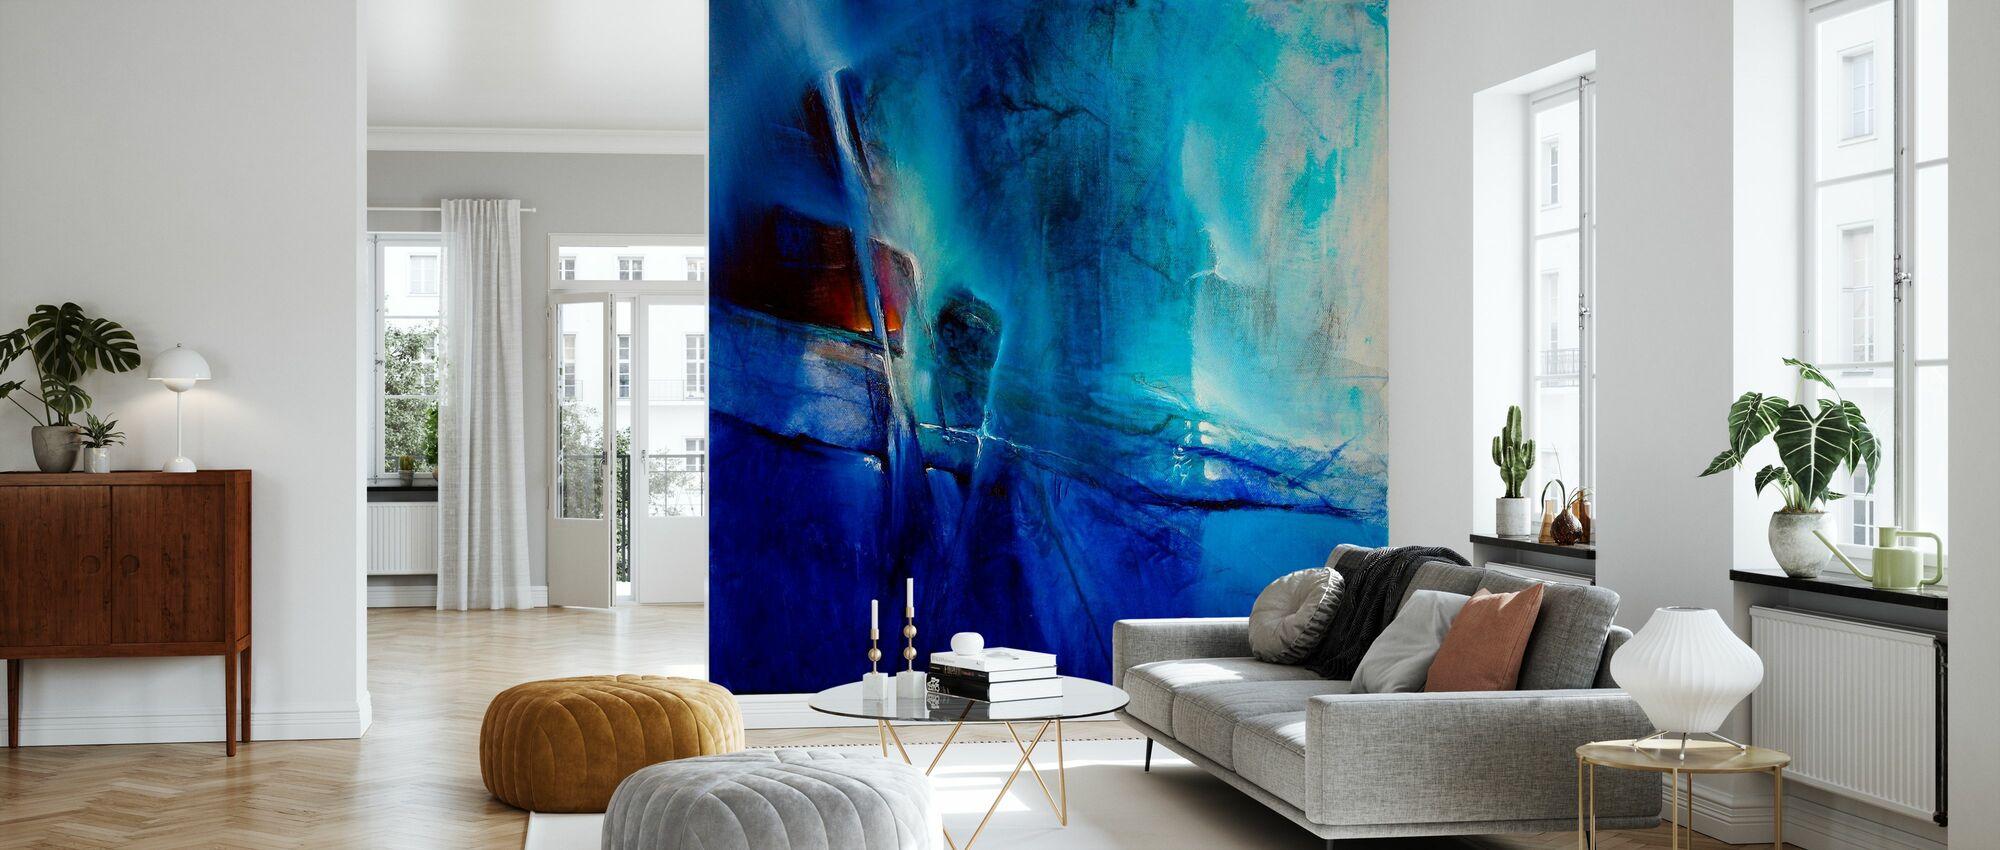 Emerald - Wallpaper - Living Room